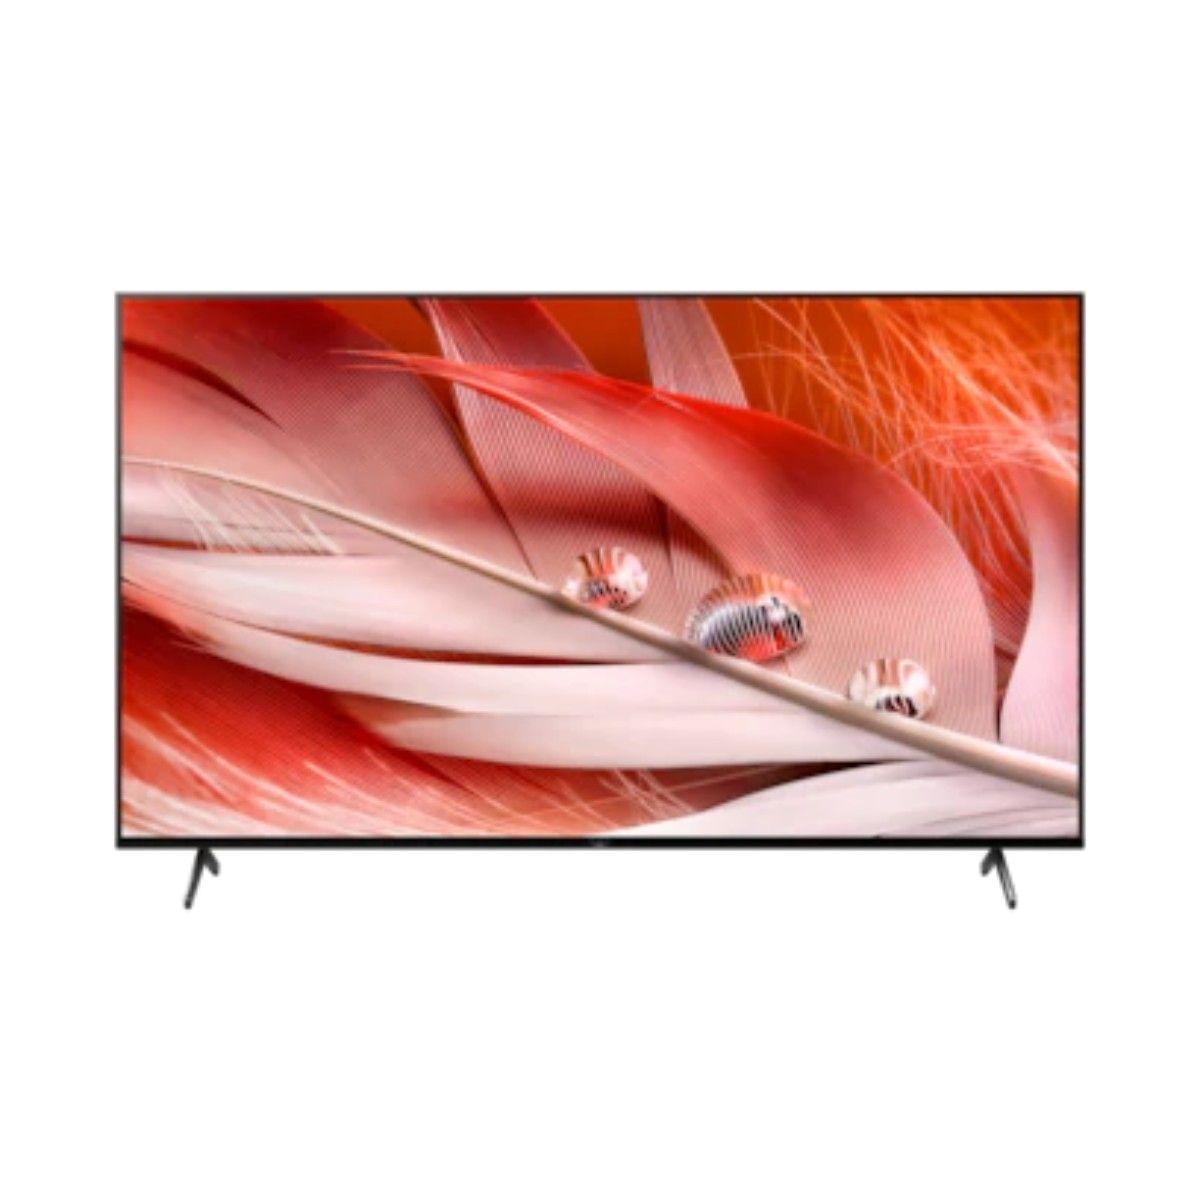 Sony X90J 75-inch 4K Full Array LED TV